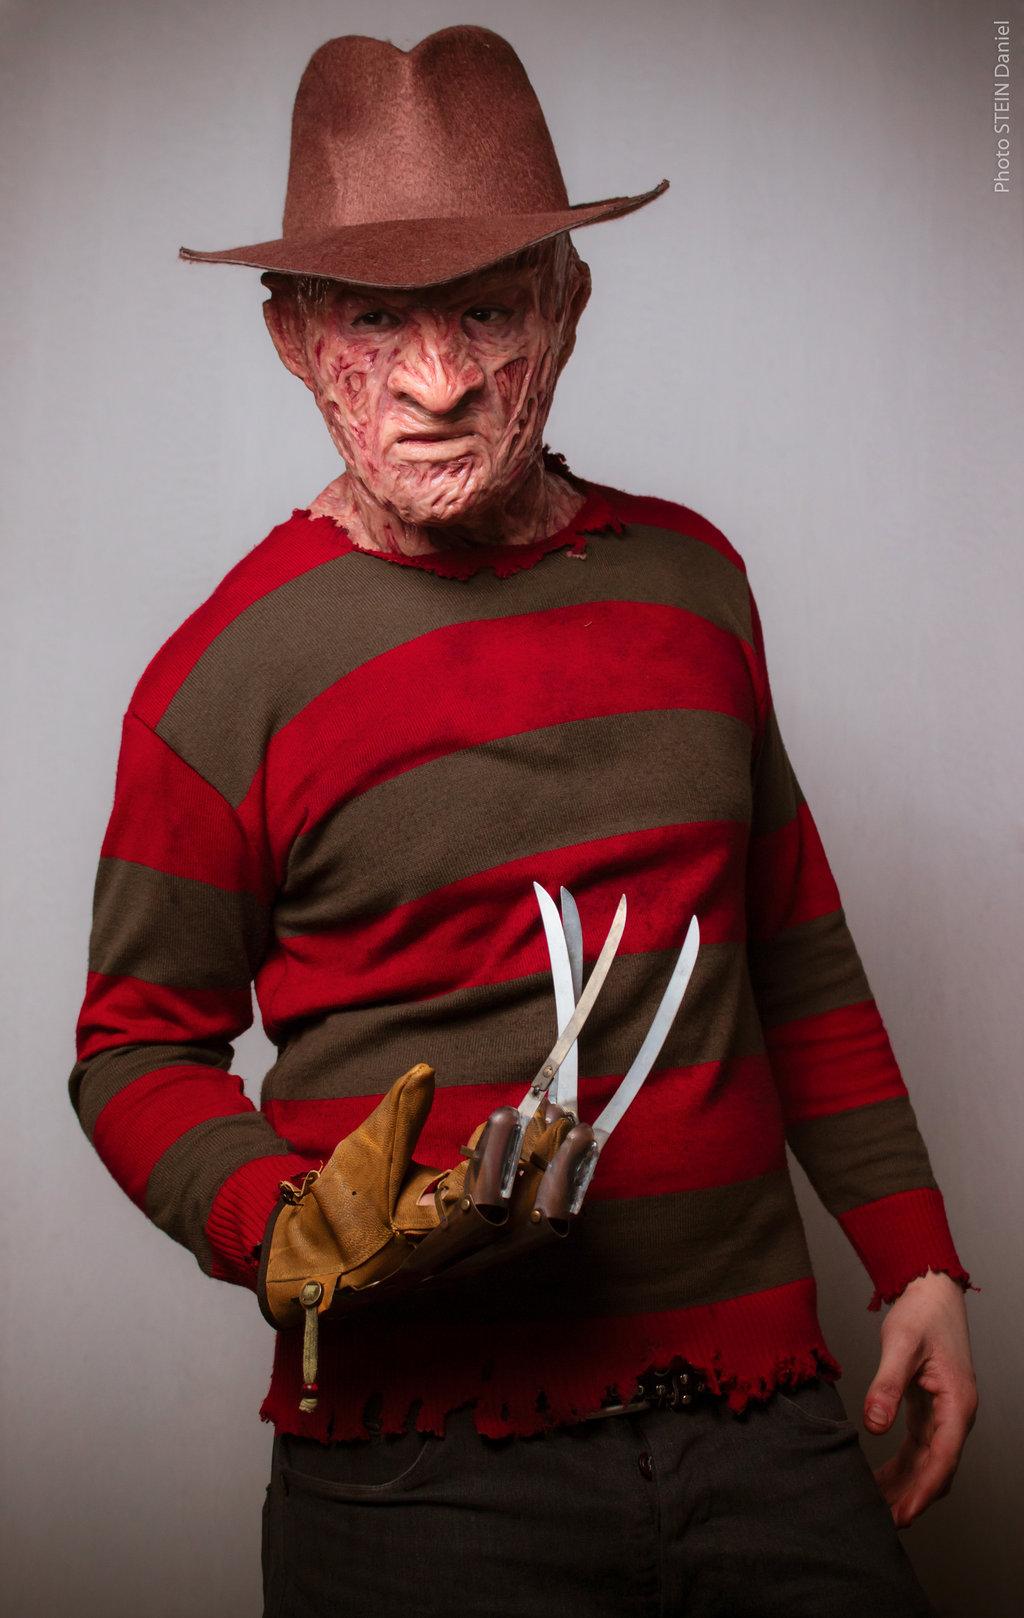 cosplay female Freddy krueger